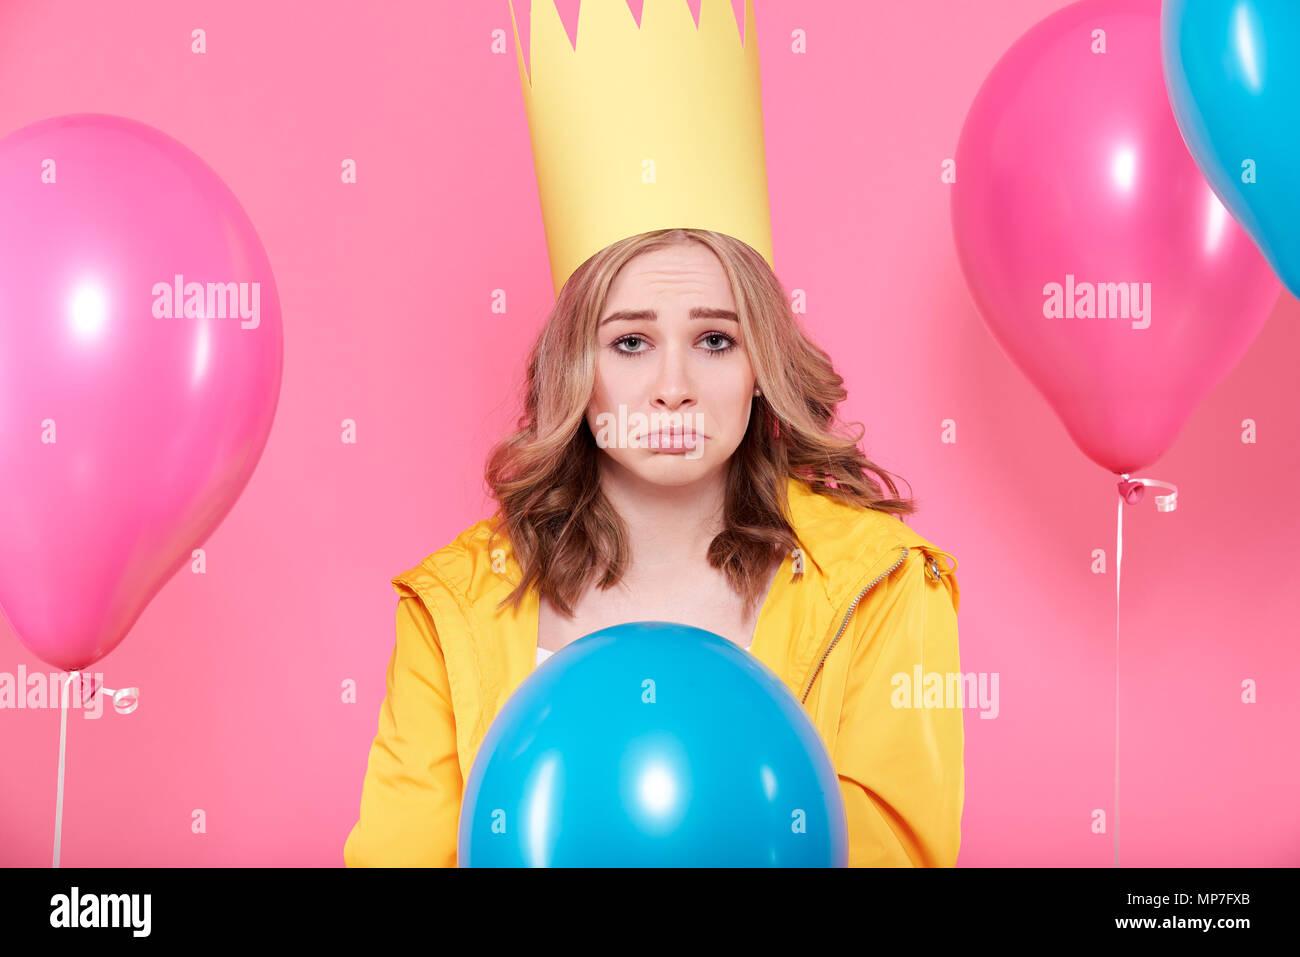 Jeune femme déçue dans party hat entouré de ballons colorés, isolé sur fond rose pastel. Triste Anniversaire concept. Photo Stock